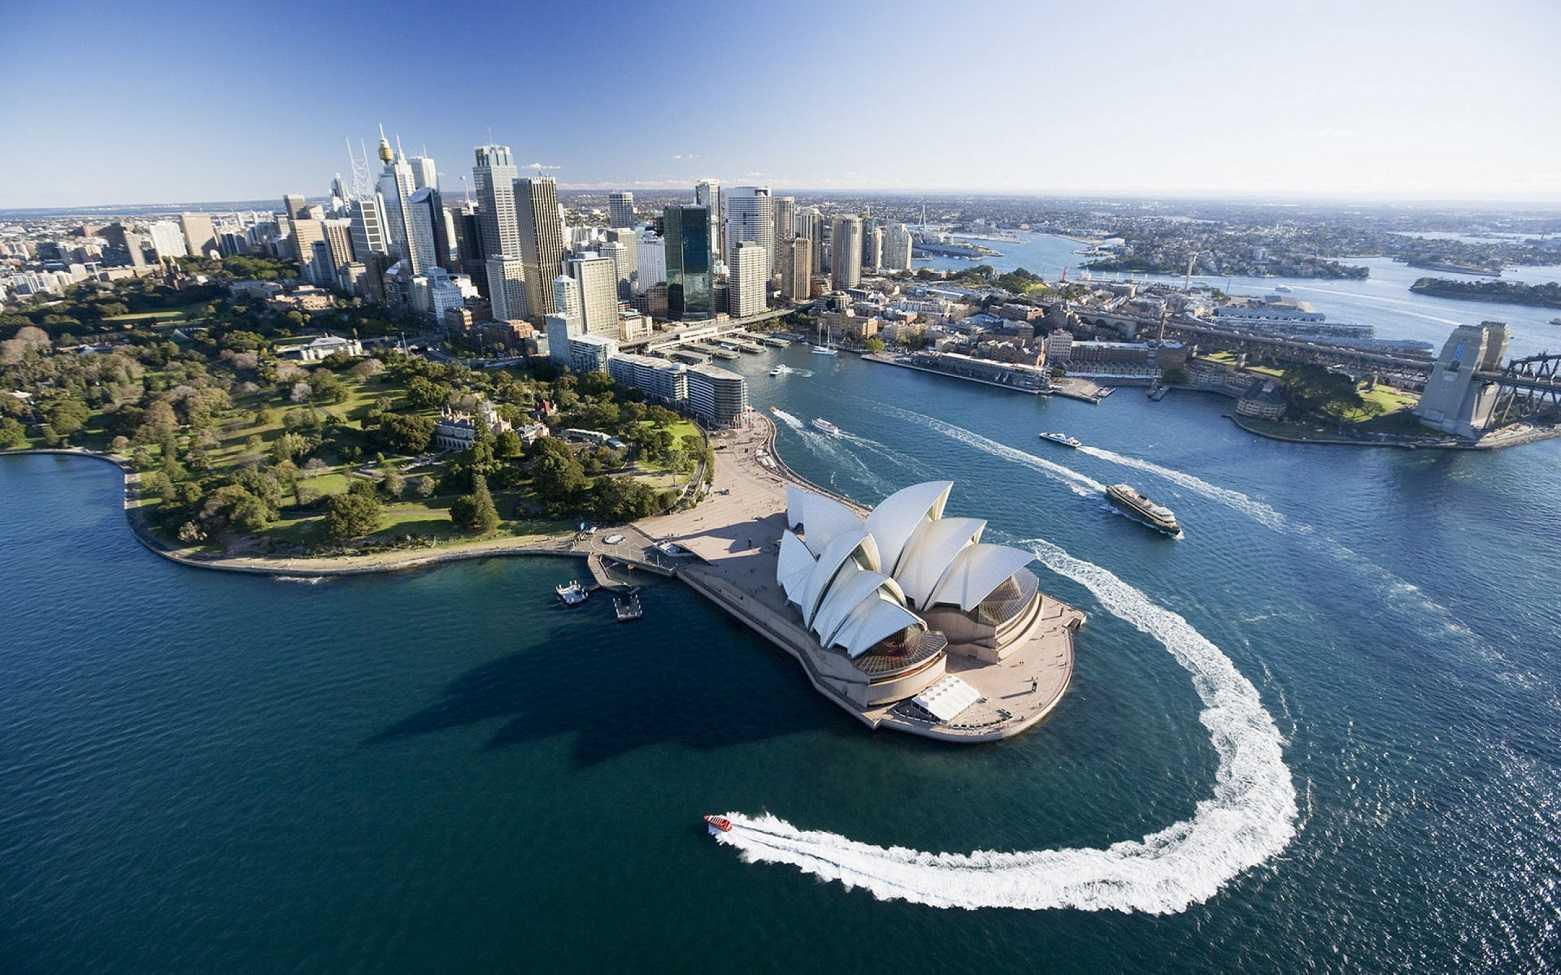 Банковские счета некоторых пользователей криптовалютных бирж были заморожены в Австралии